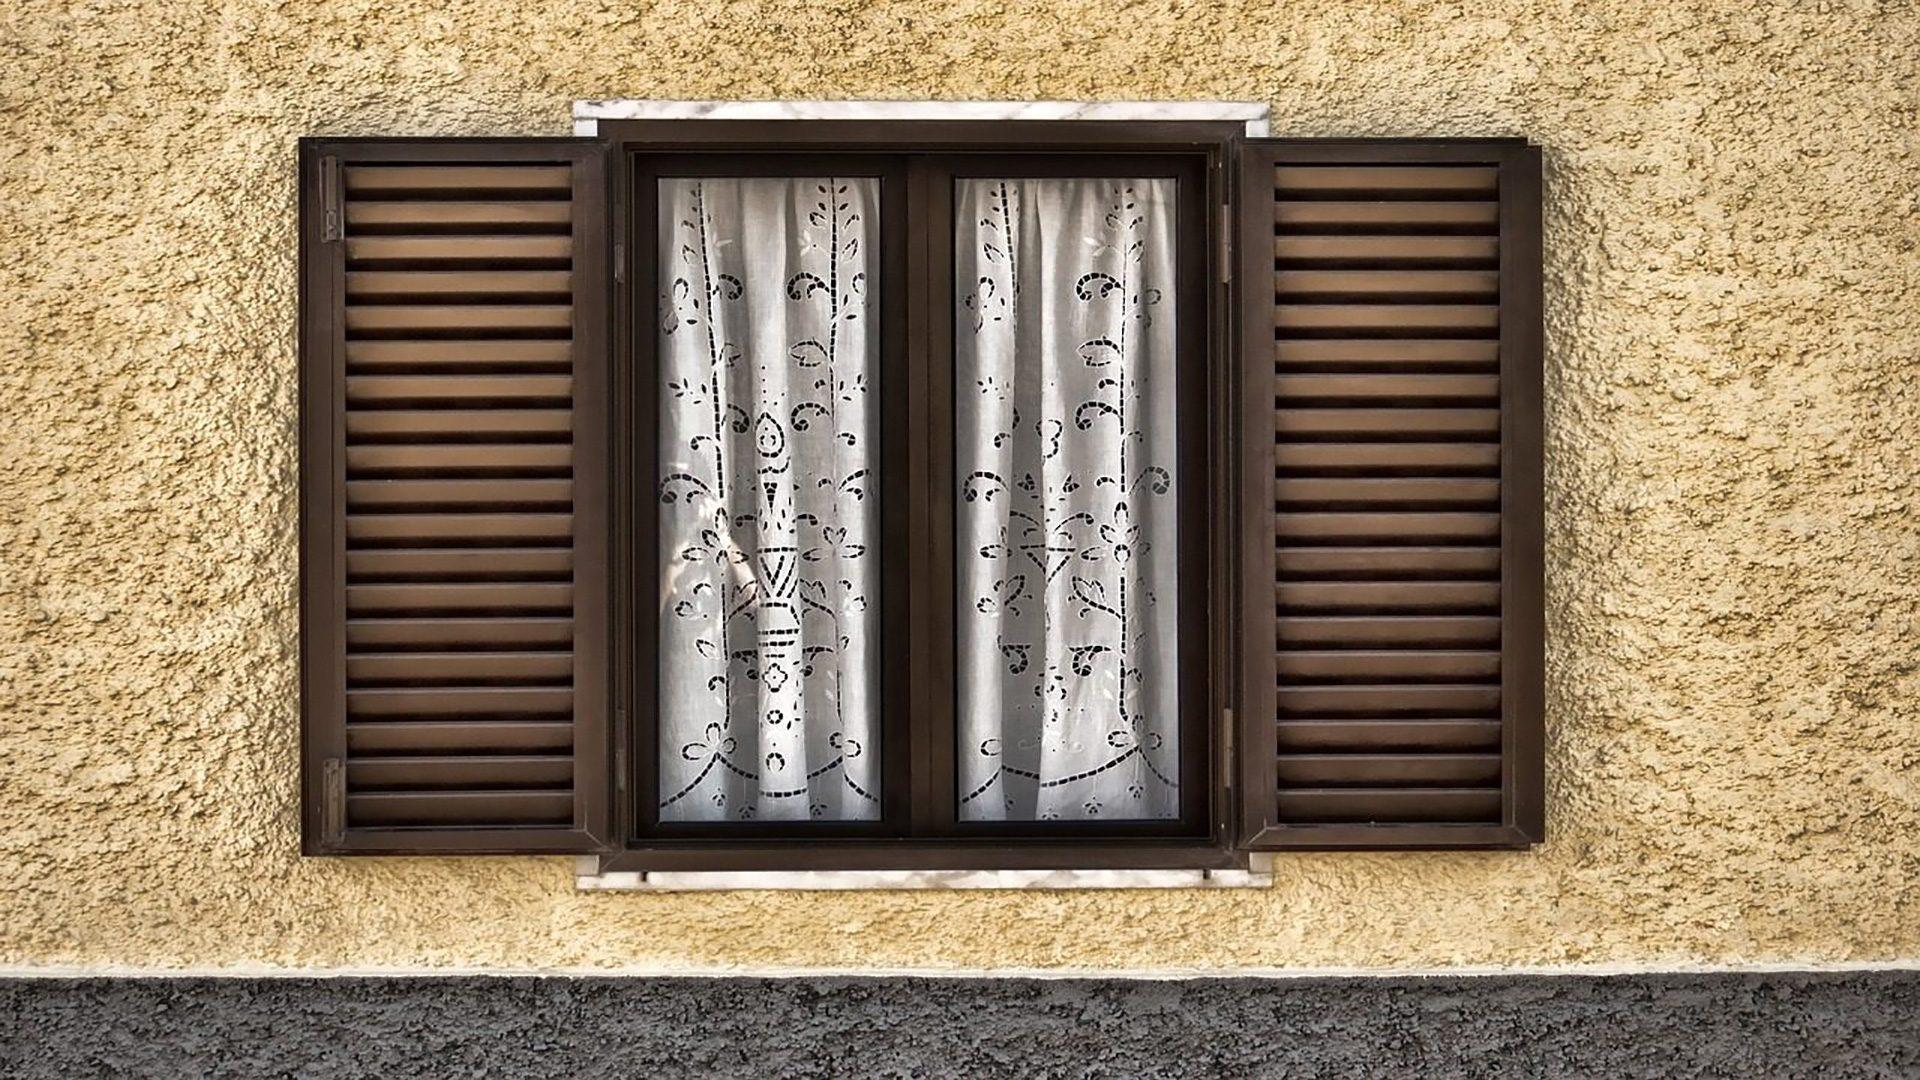 Come restaurare le persiane in legno in 3 semplici mosse